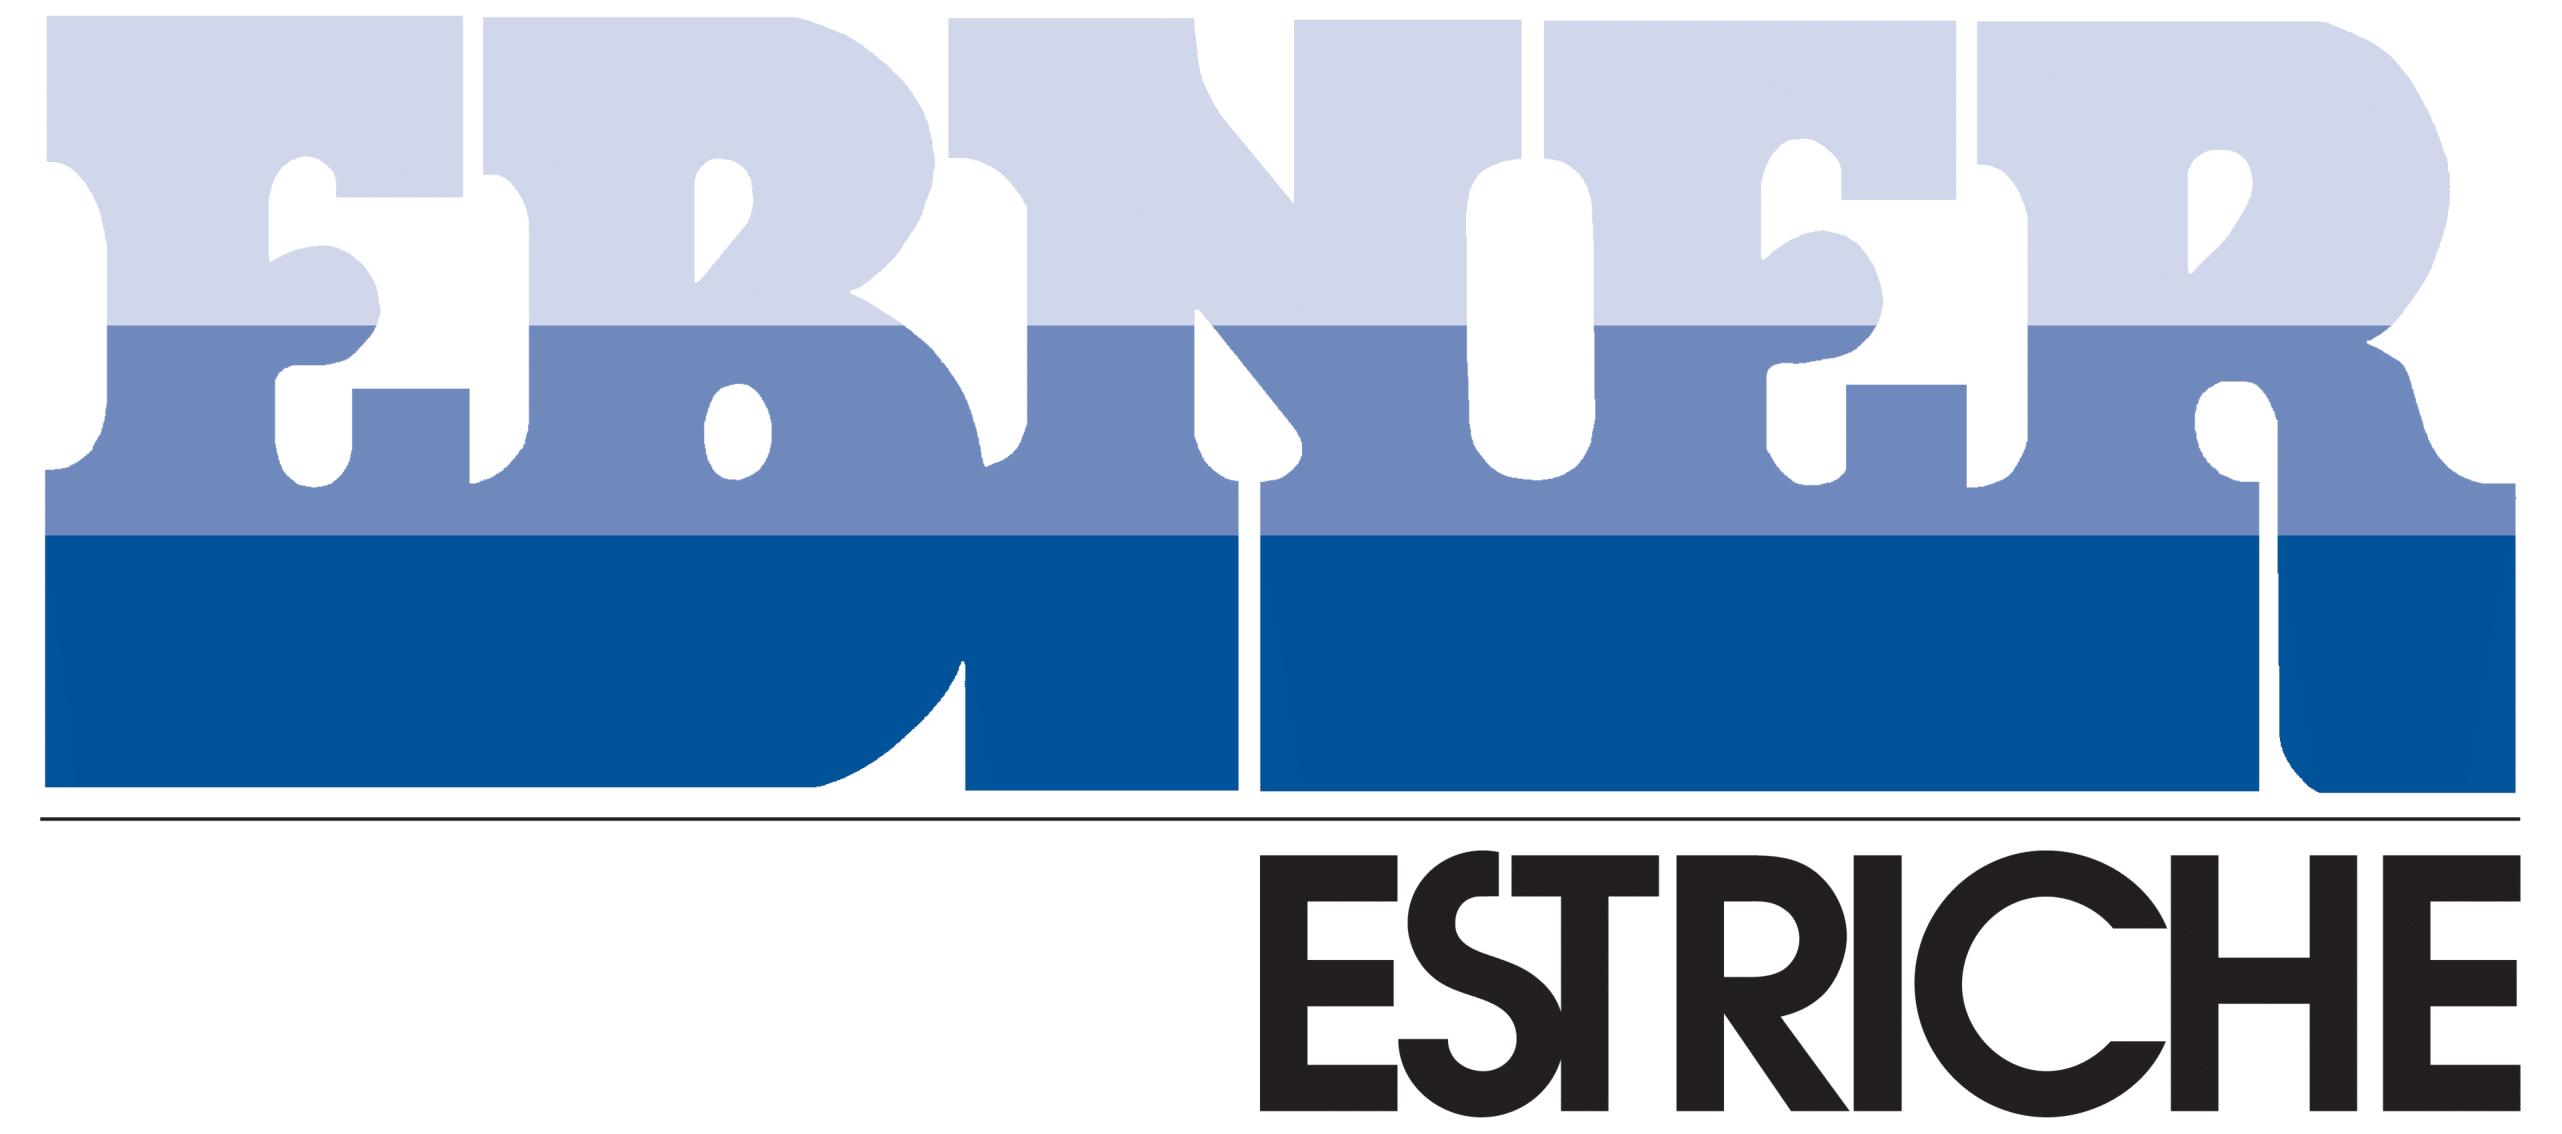 Logo Ebner-Estriche GmbH